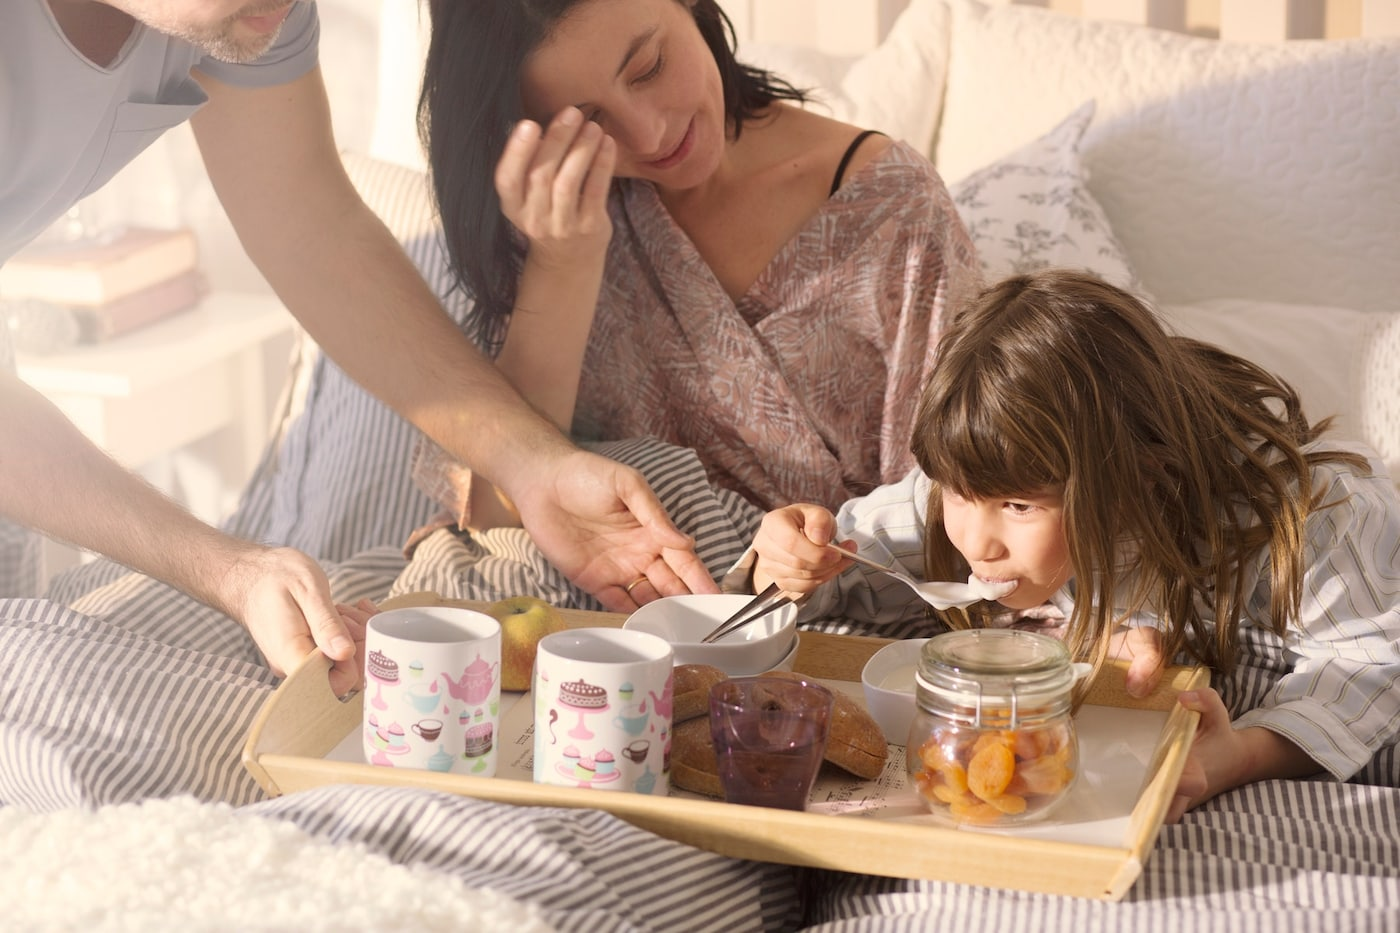 Una mujer y su hija tomando desayuno en la cama, con una bandeja. Comen cosas con cucharas y hay dos tazas.